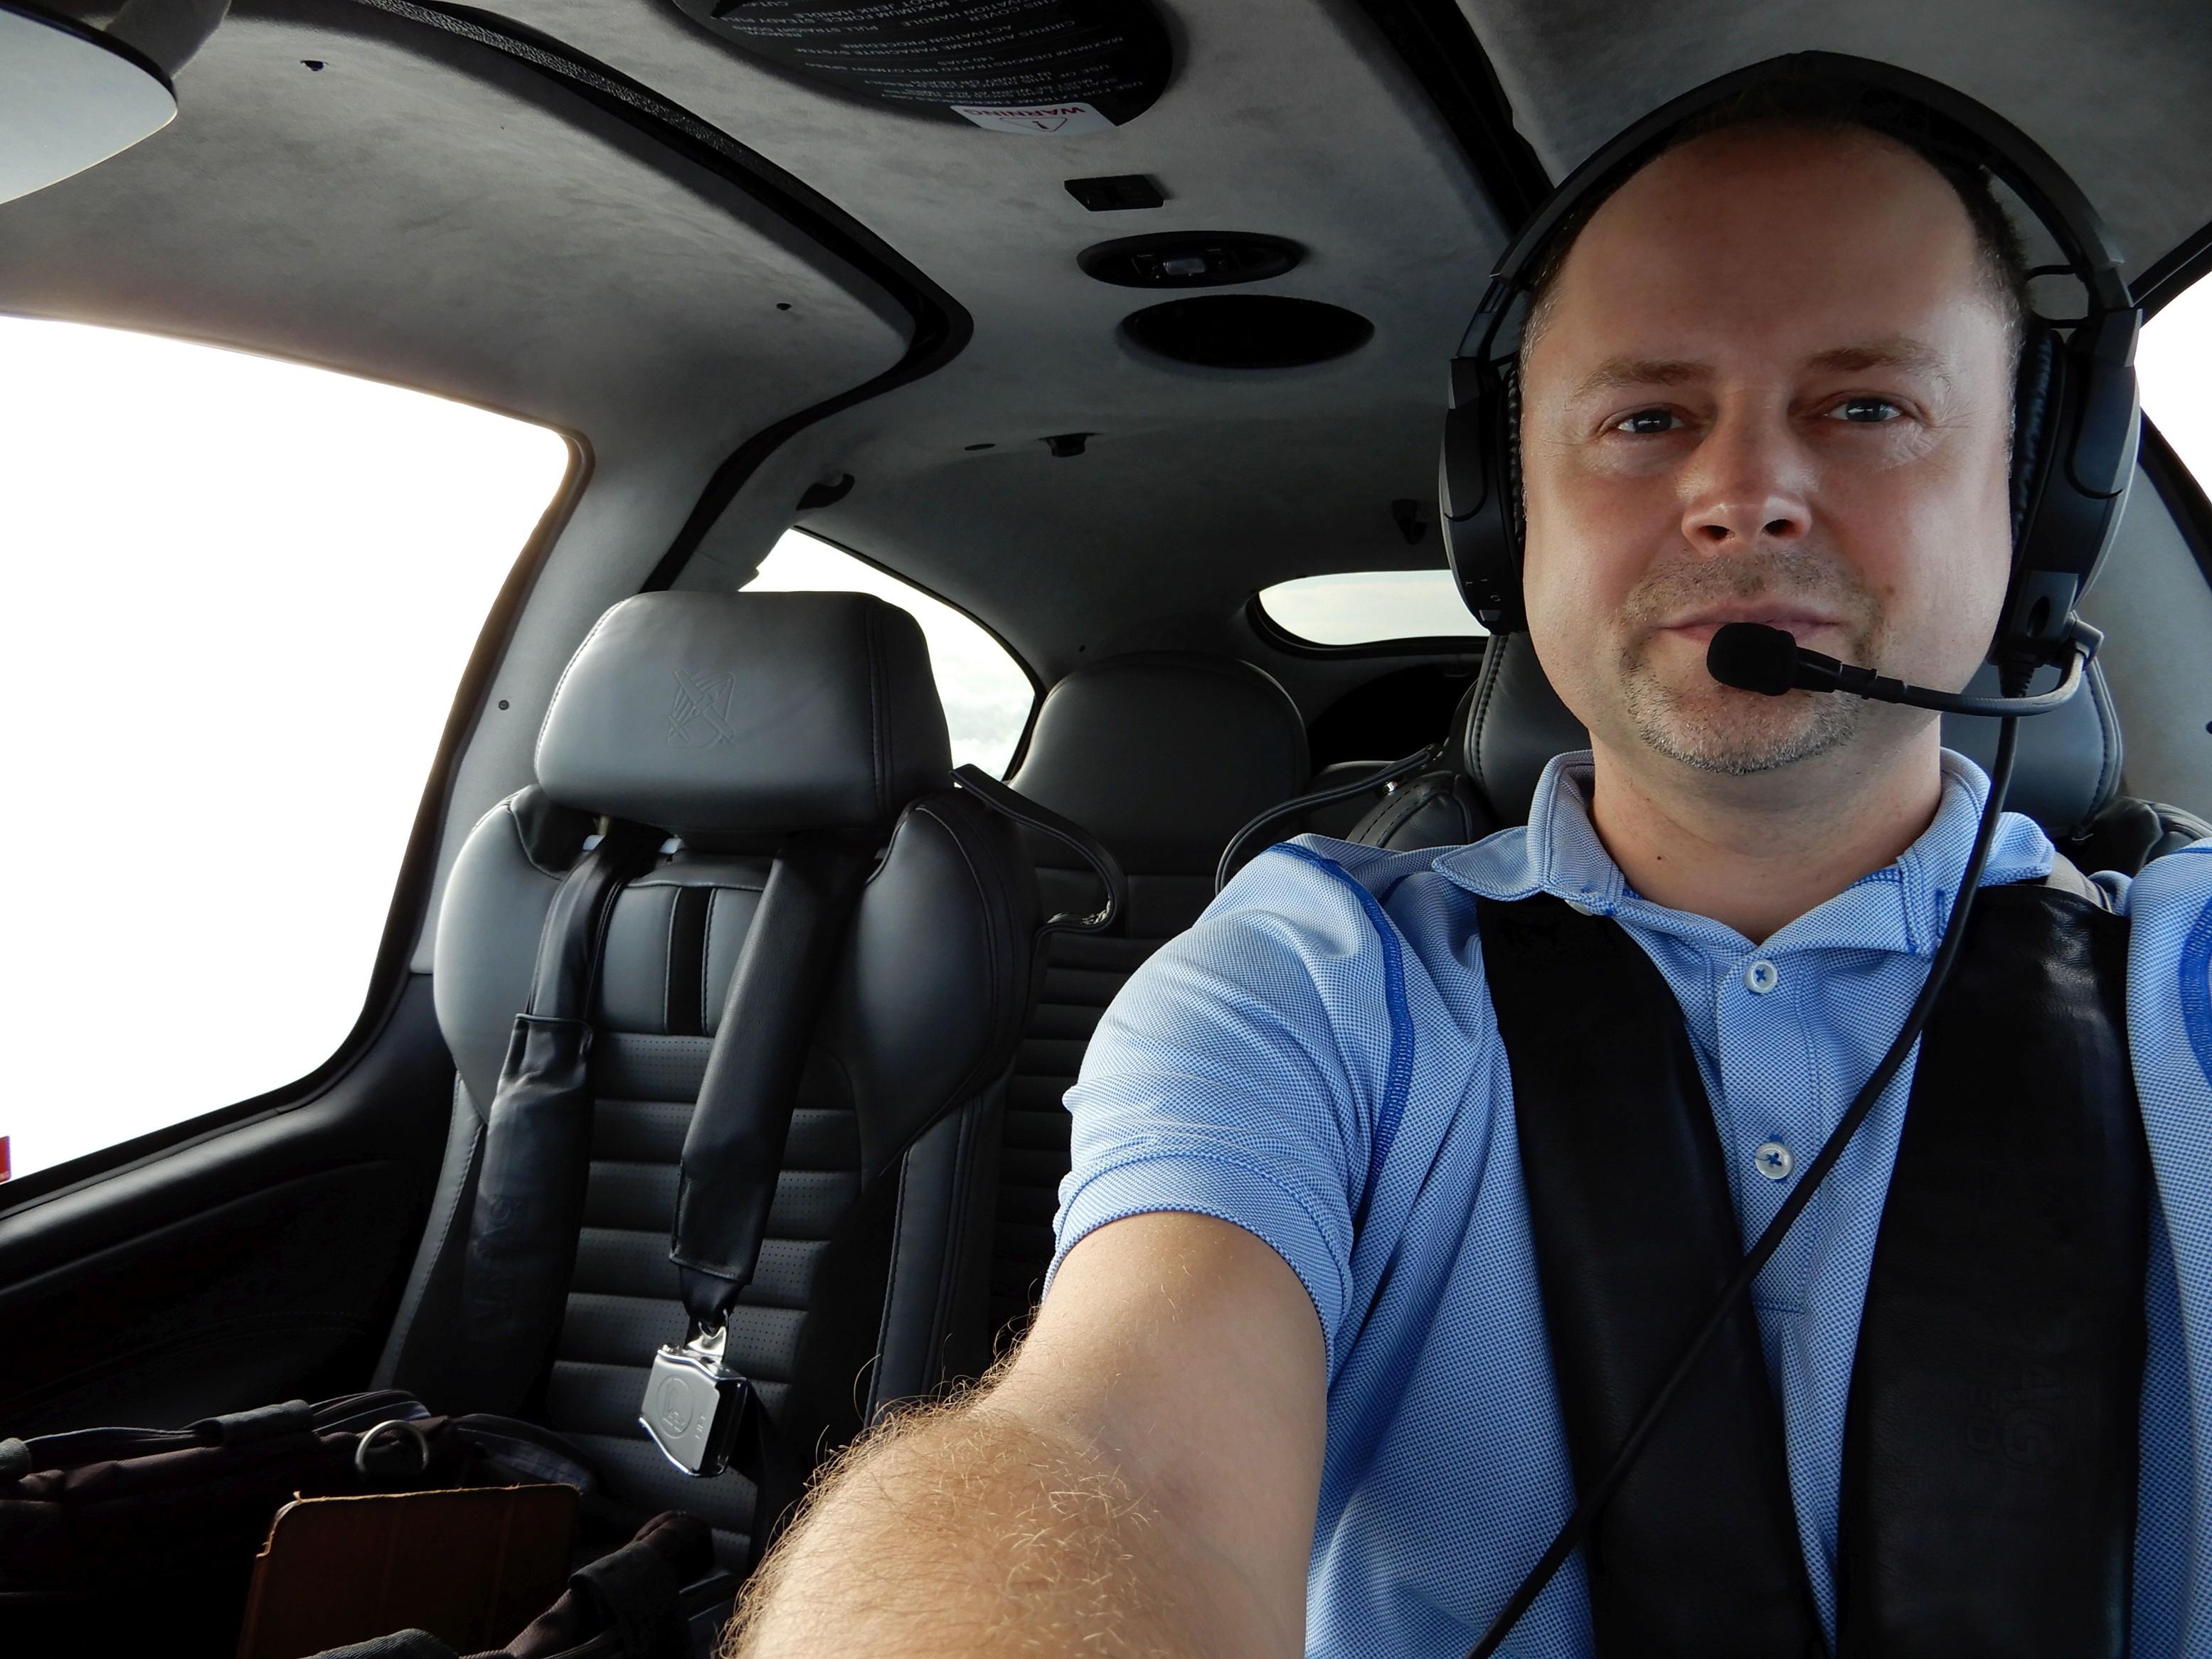 Můj 3h dlouhý let z Orlanda do Knoxville, Tennessee, kam jsem vracel zapůjčené letadlo, Cirrus SR-22, 6. Generace